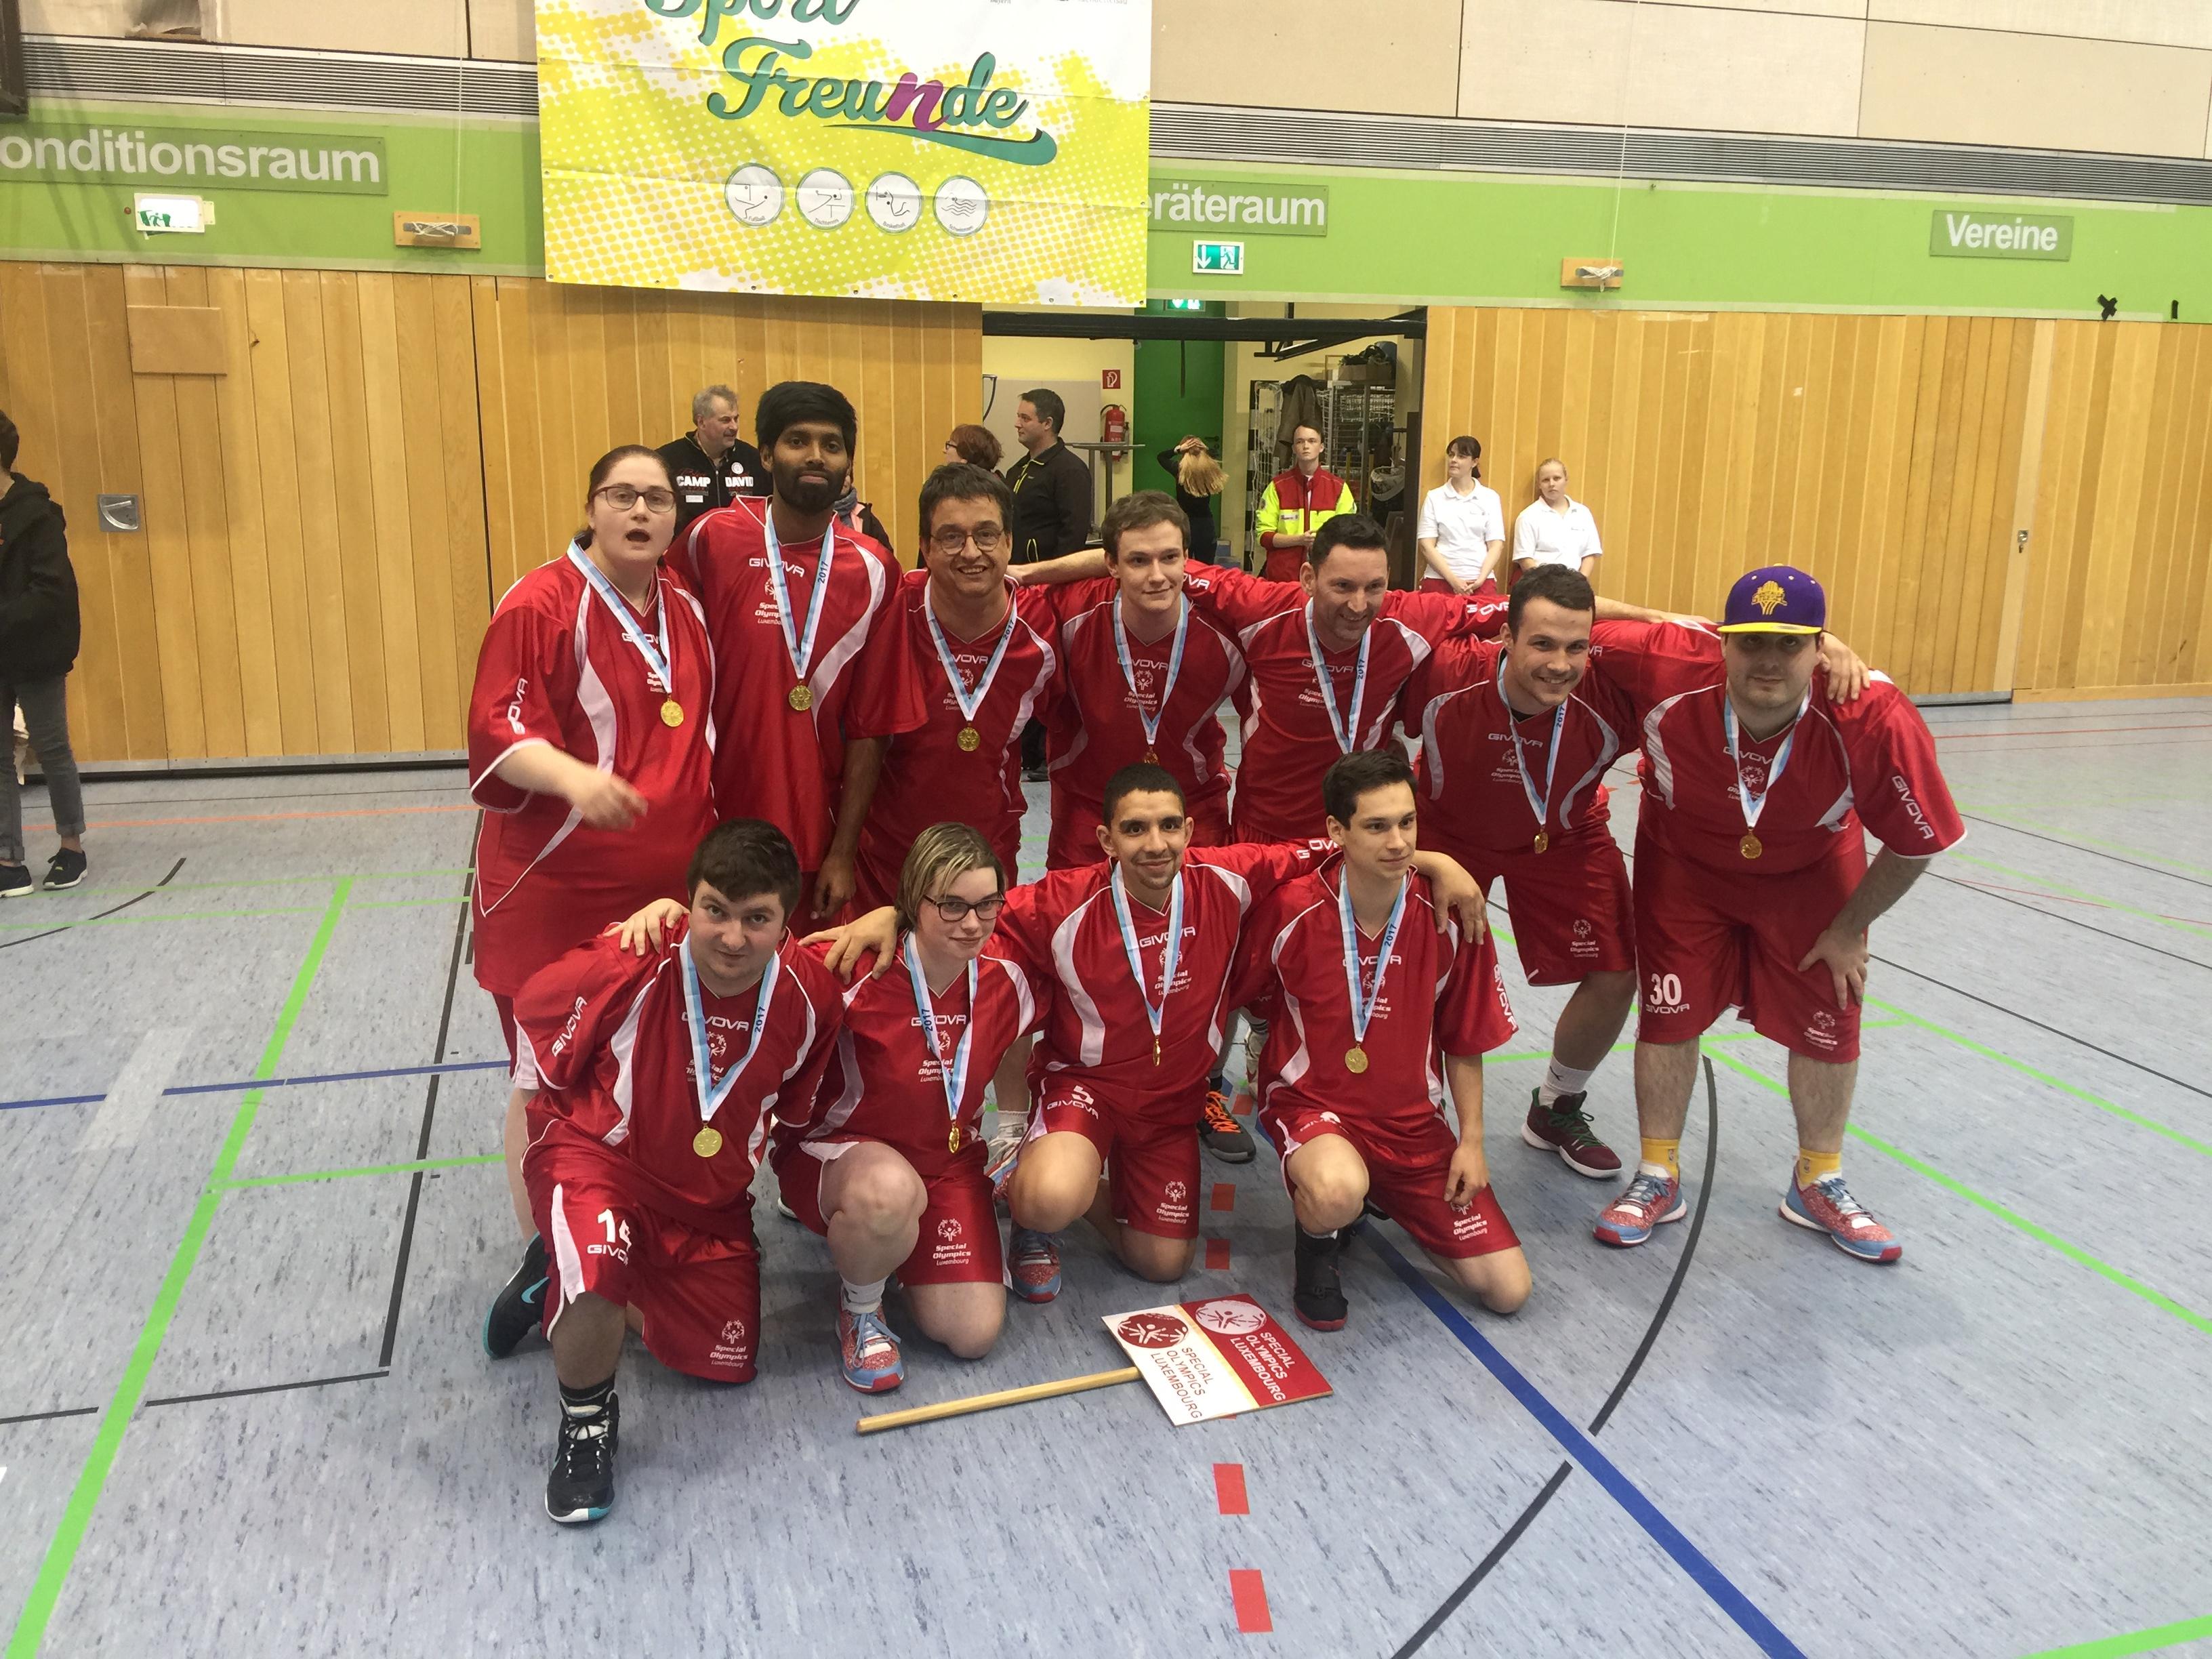 Telstarfraktioun mat Special Olympics Luxembourg zu Nürnberg!